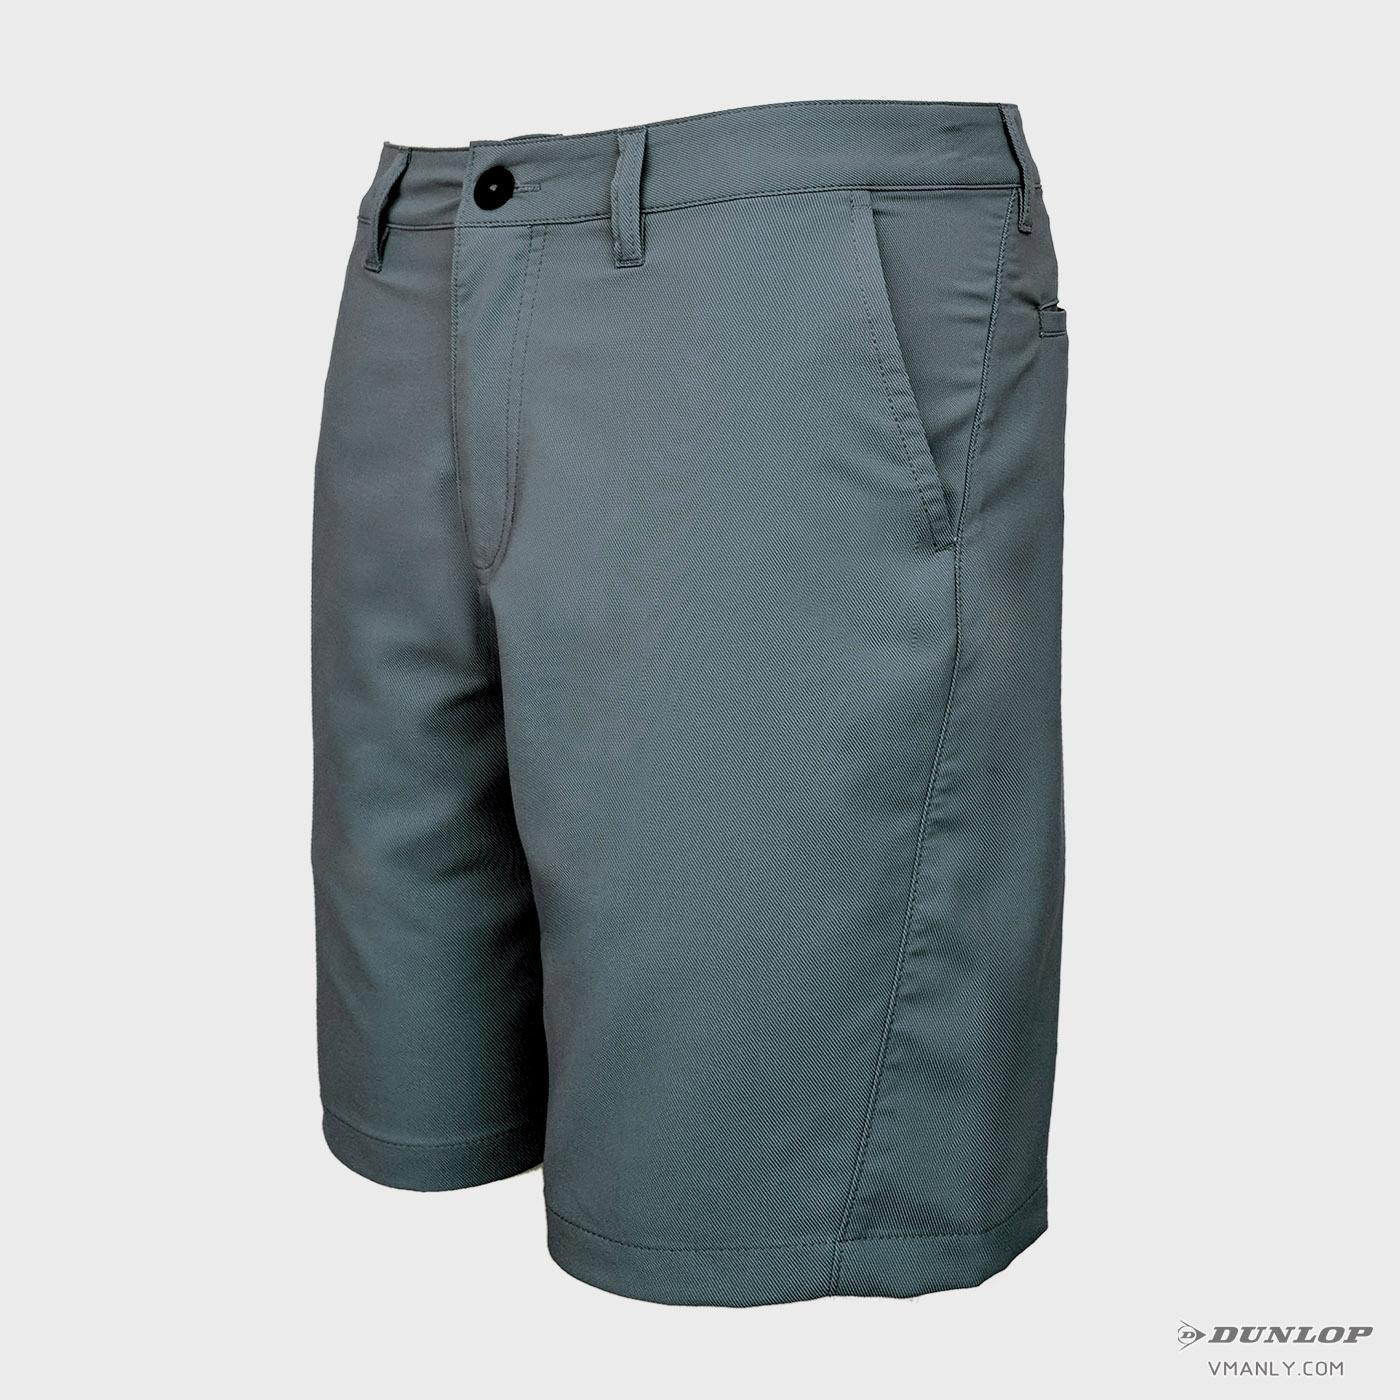 Quần short nam DUNLOP màu xám nhạt DQSLS9030-1S-957946